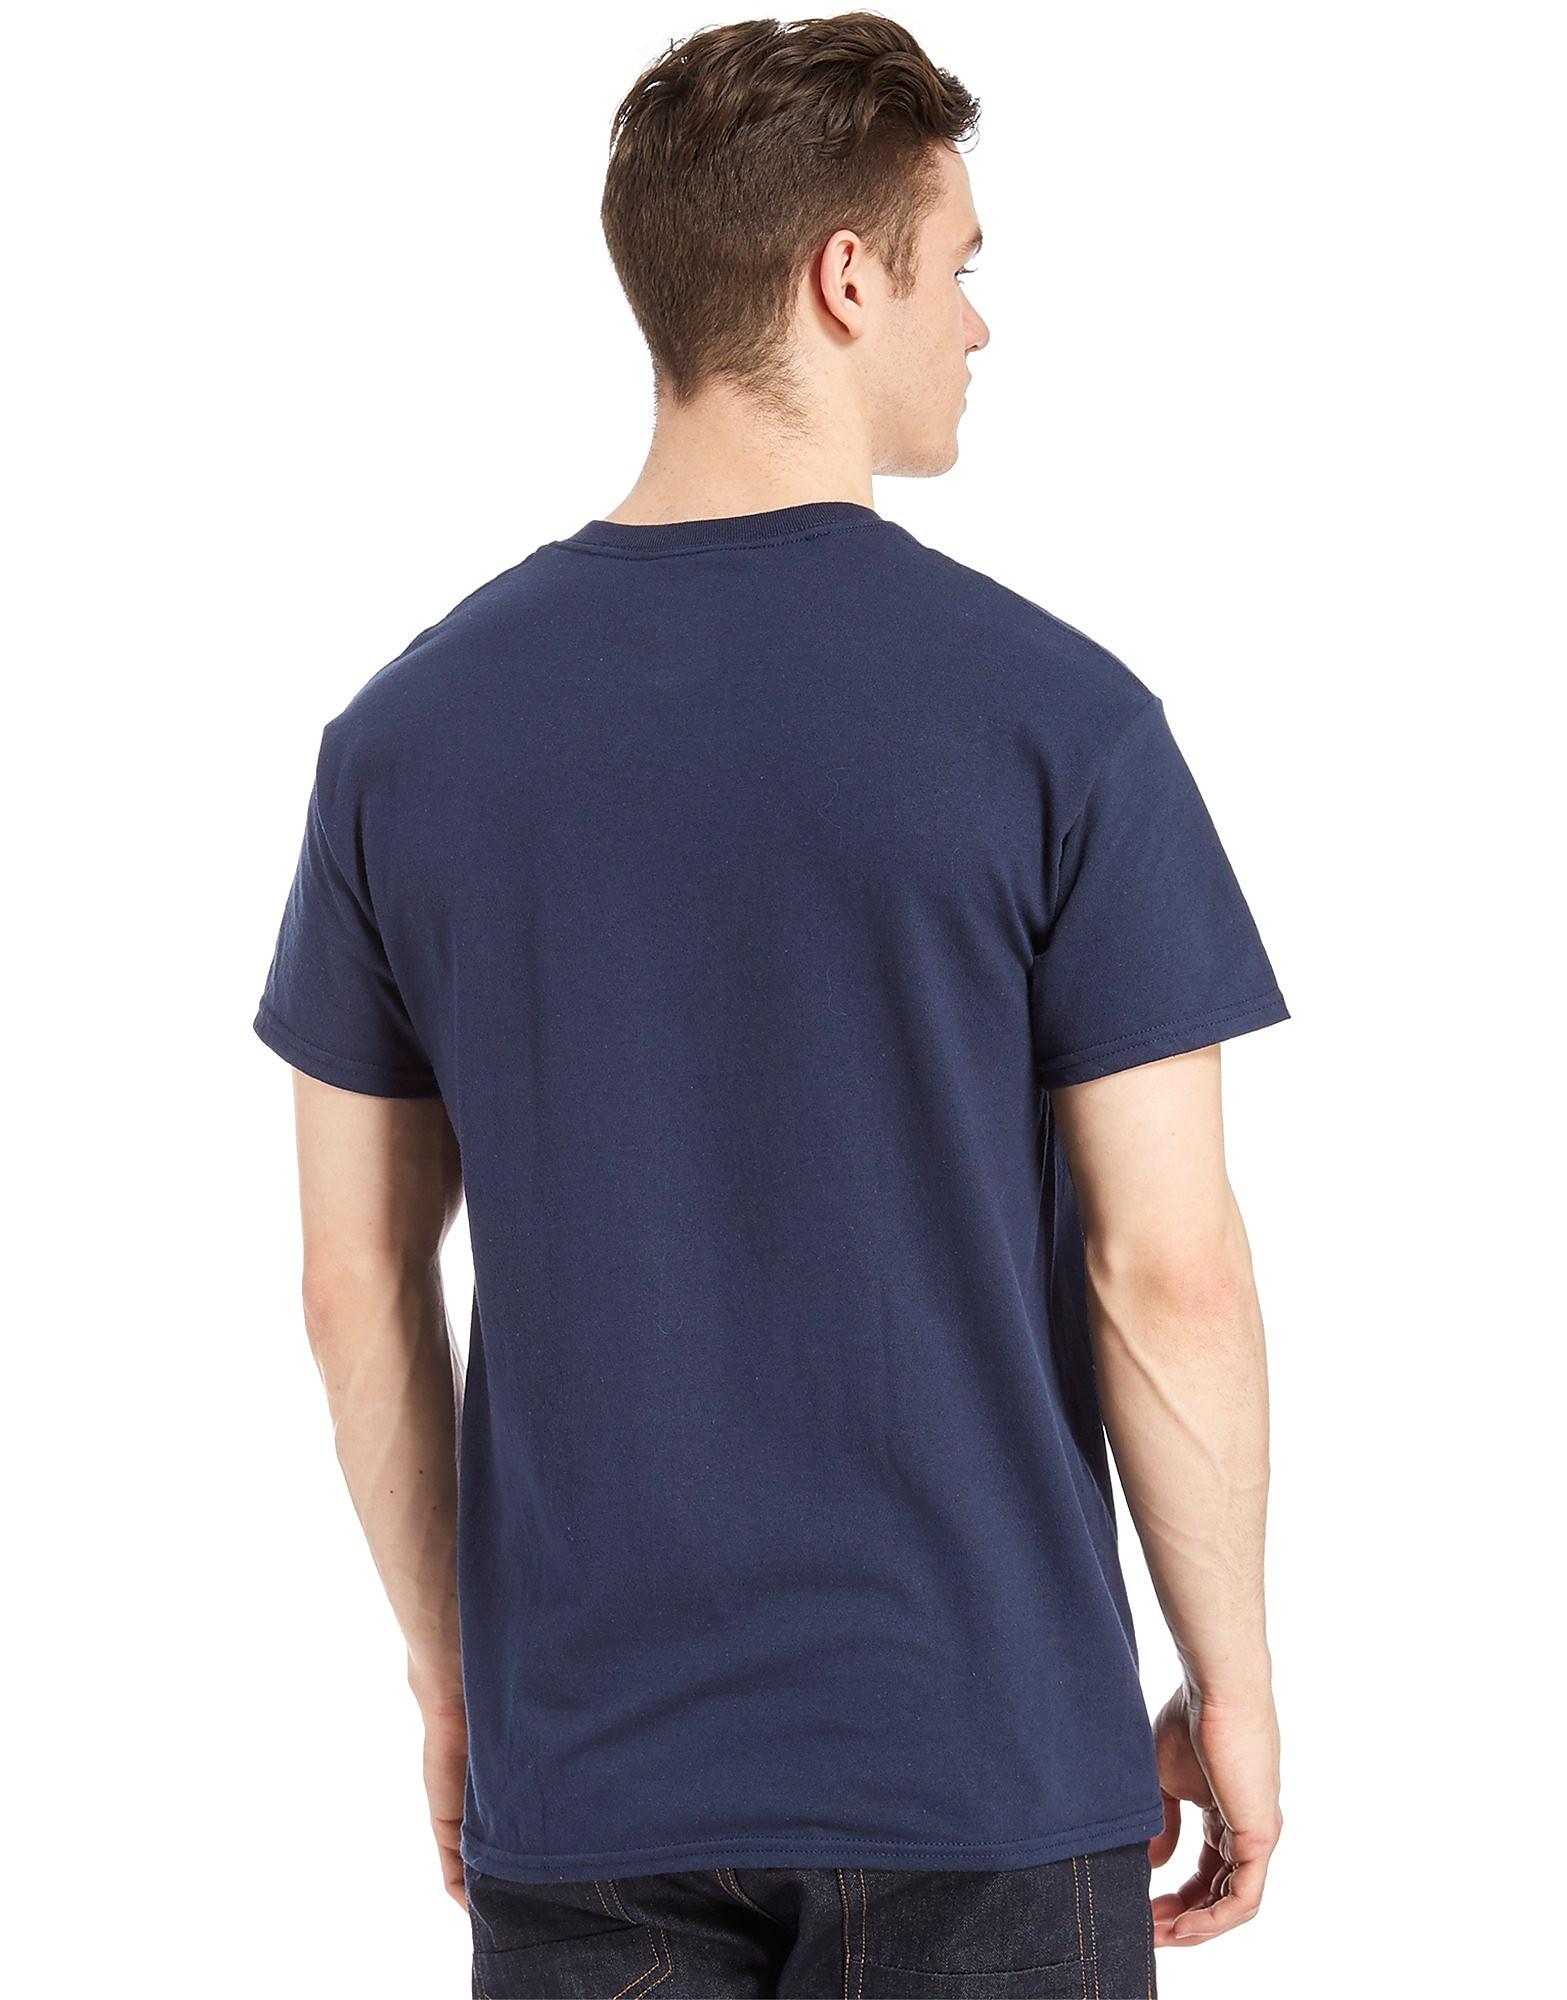 Official Team FC Barcelona Scroll T-Shirt